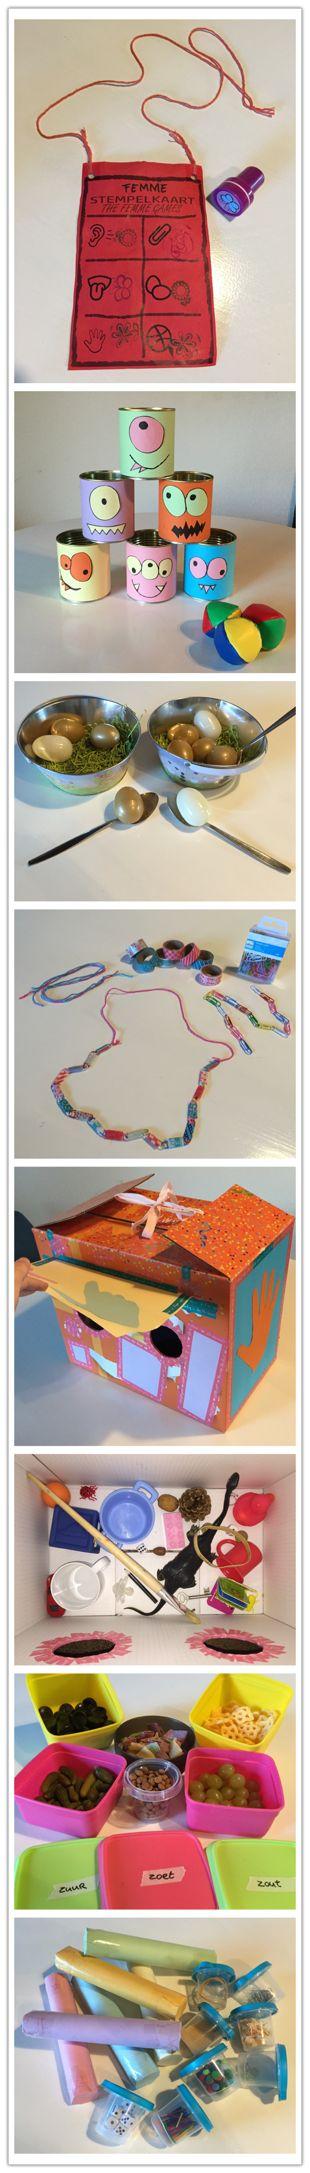 Verjaardagsfeestje kinderfeestje activiteiten spellen spelletjes kleuter (bal blik gooien, ei lopen, ketting maken, voeldoos, soundtubes, proeven)